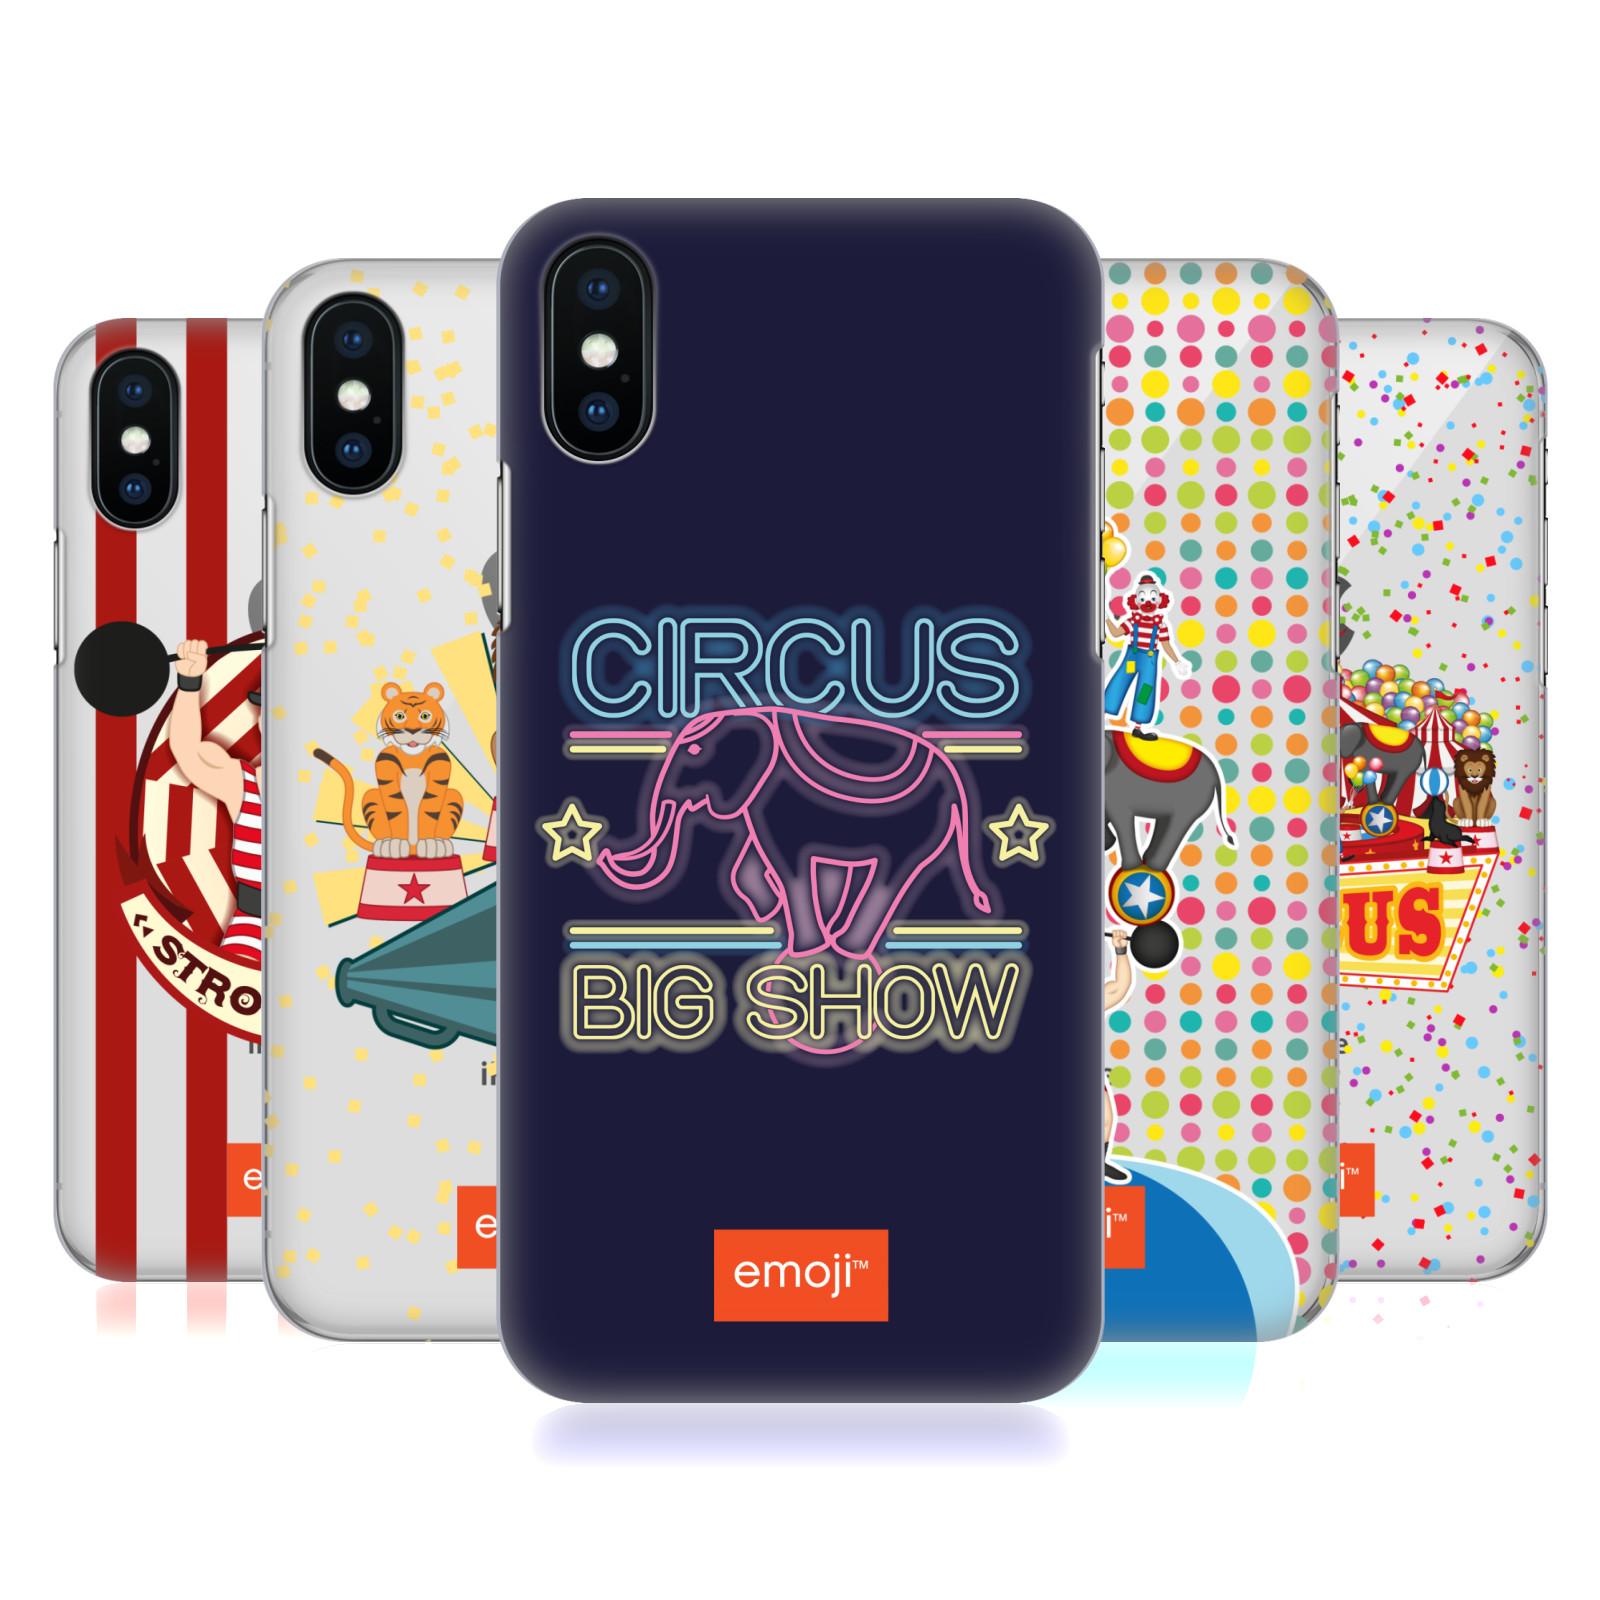 emoji® Circus